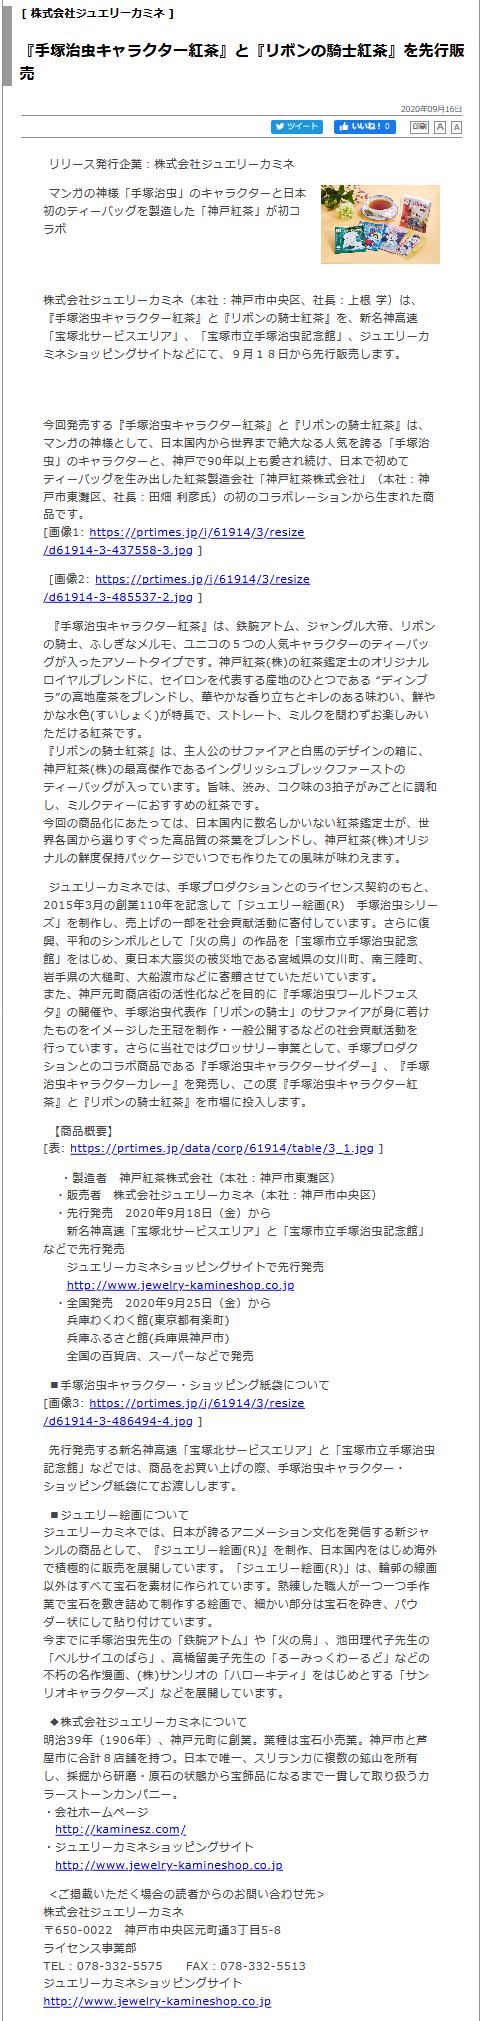 東洋経済オンライン様に『手塚治虫キャラクター紅茶』と『リボンの騎士紅茶』の記事を取り上げていただきました。